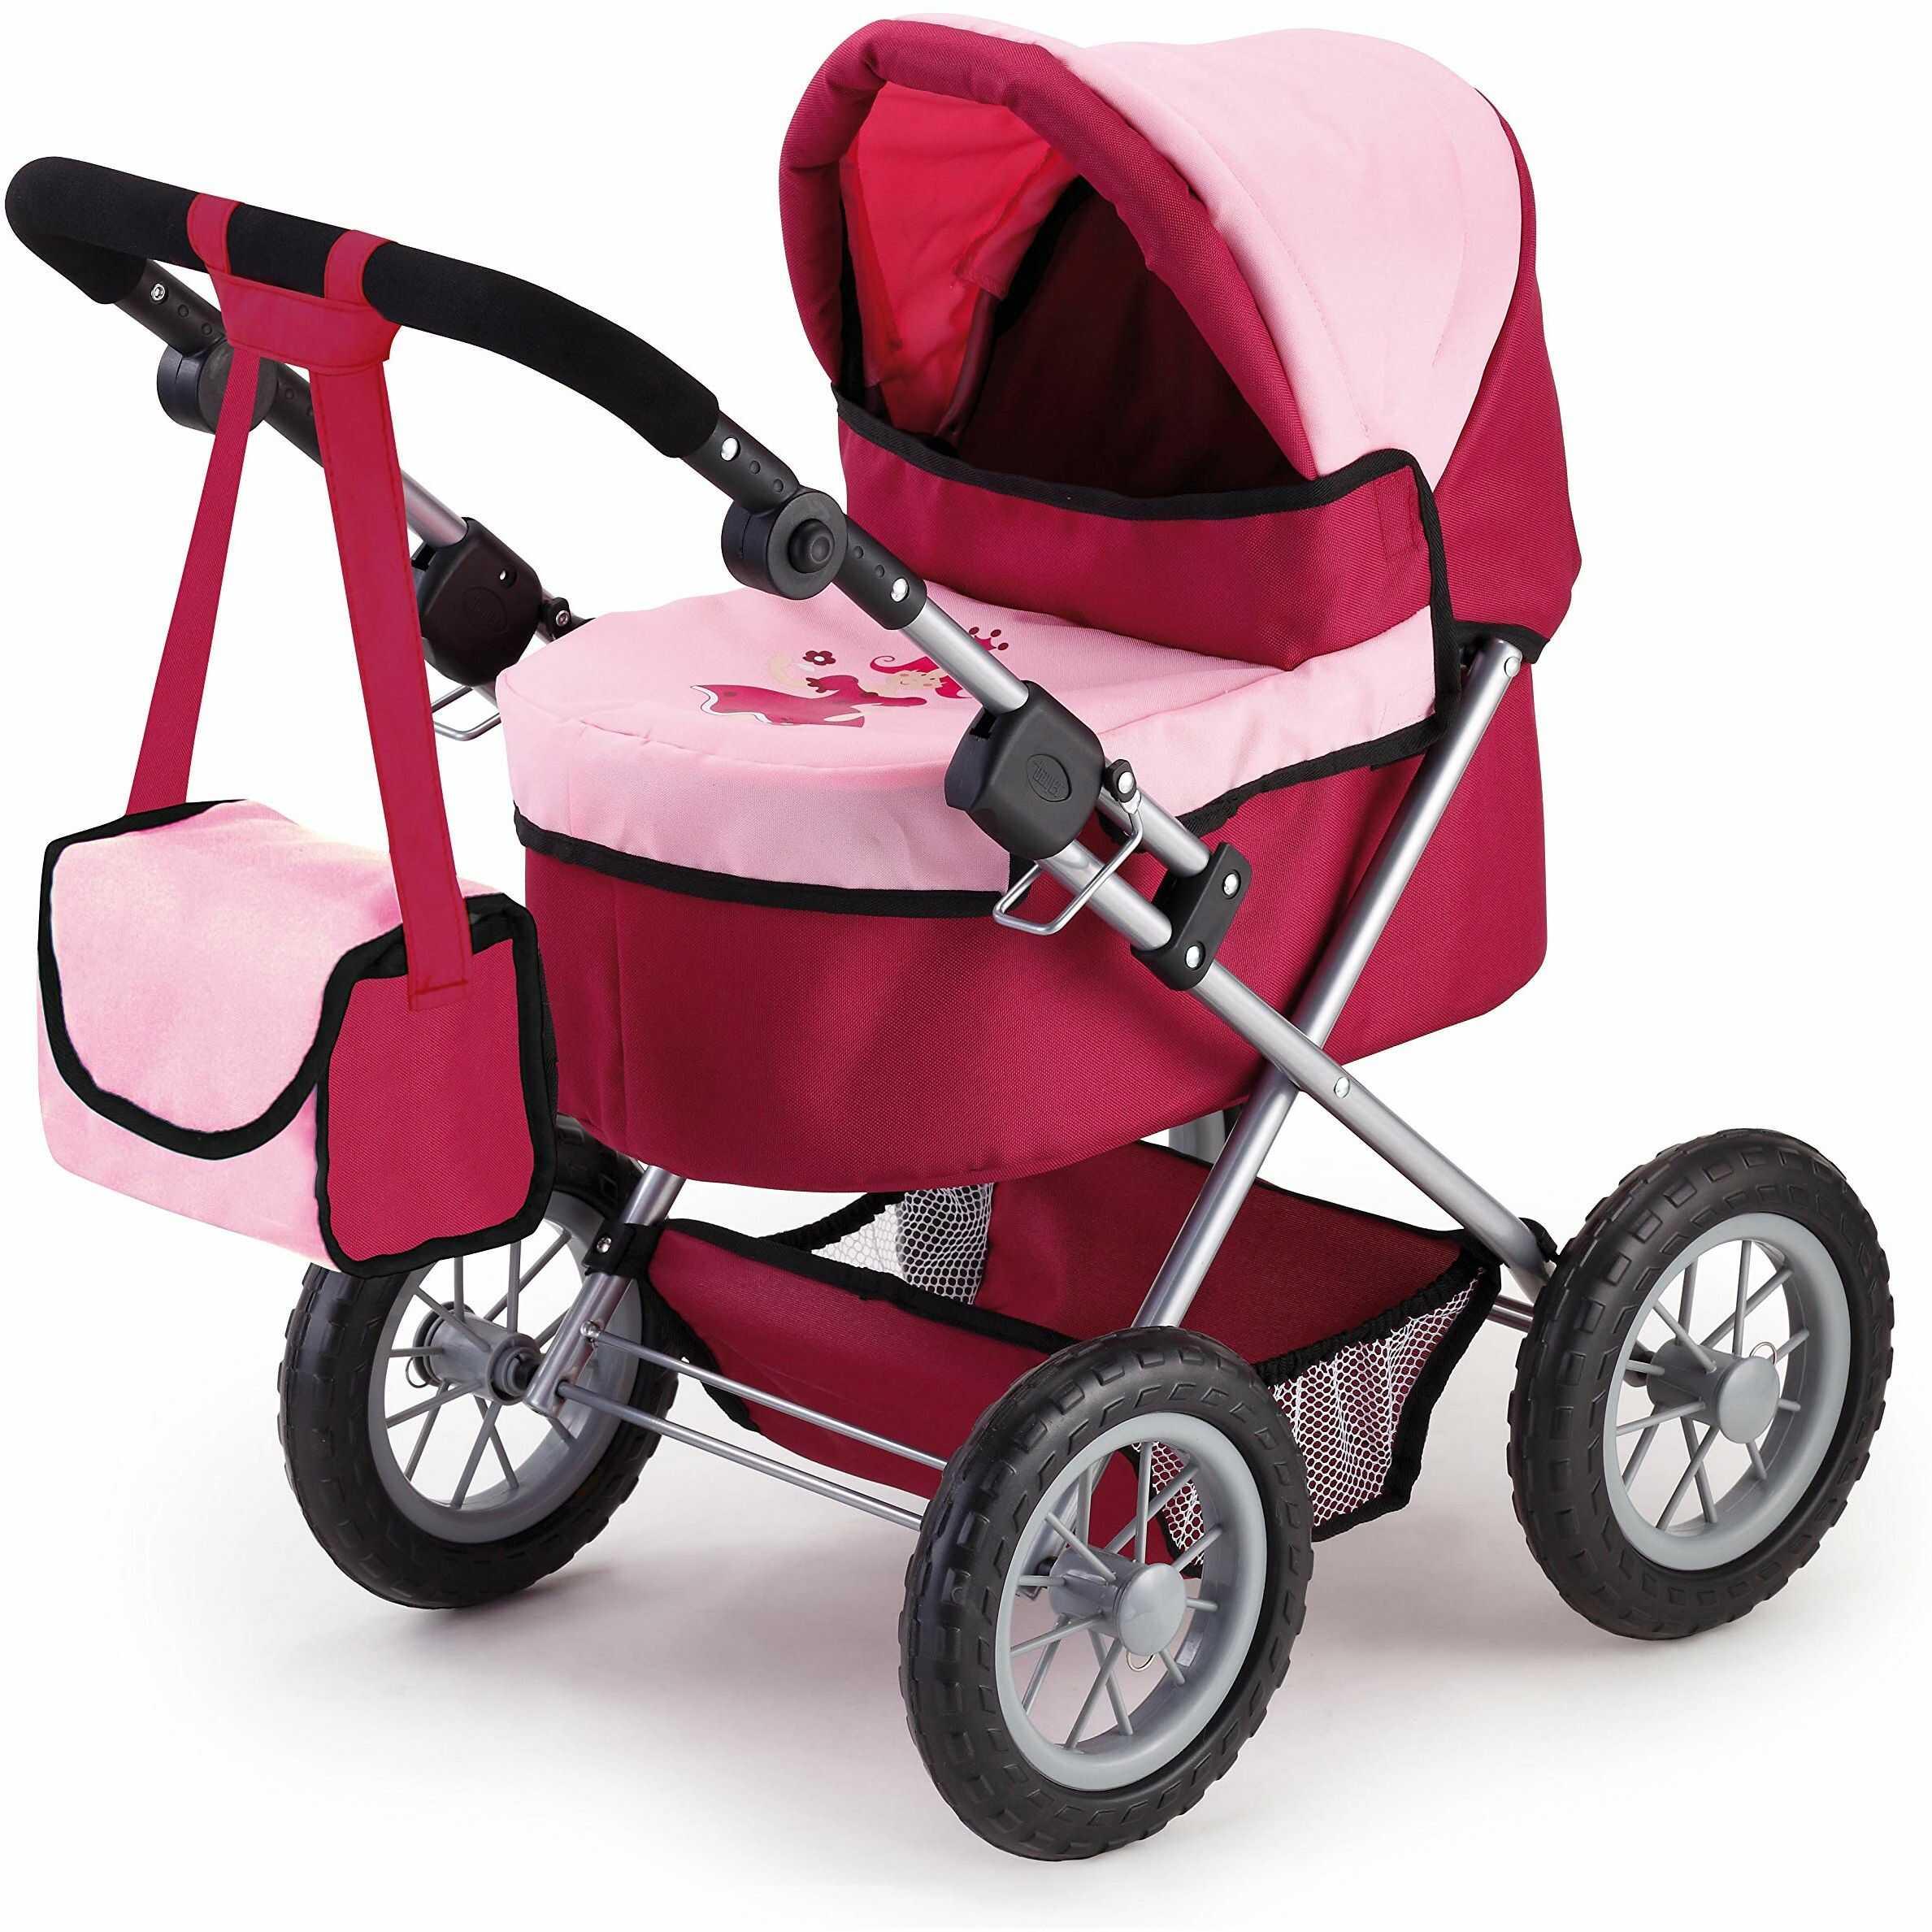 Bayer Design 13014AA wózek dla lalek modny wózek, składany, uchwyt z regulacją wysokości, z torbą na ramię, czerwony i różowy, księżniczka